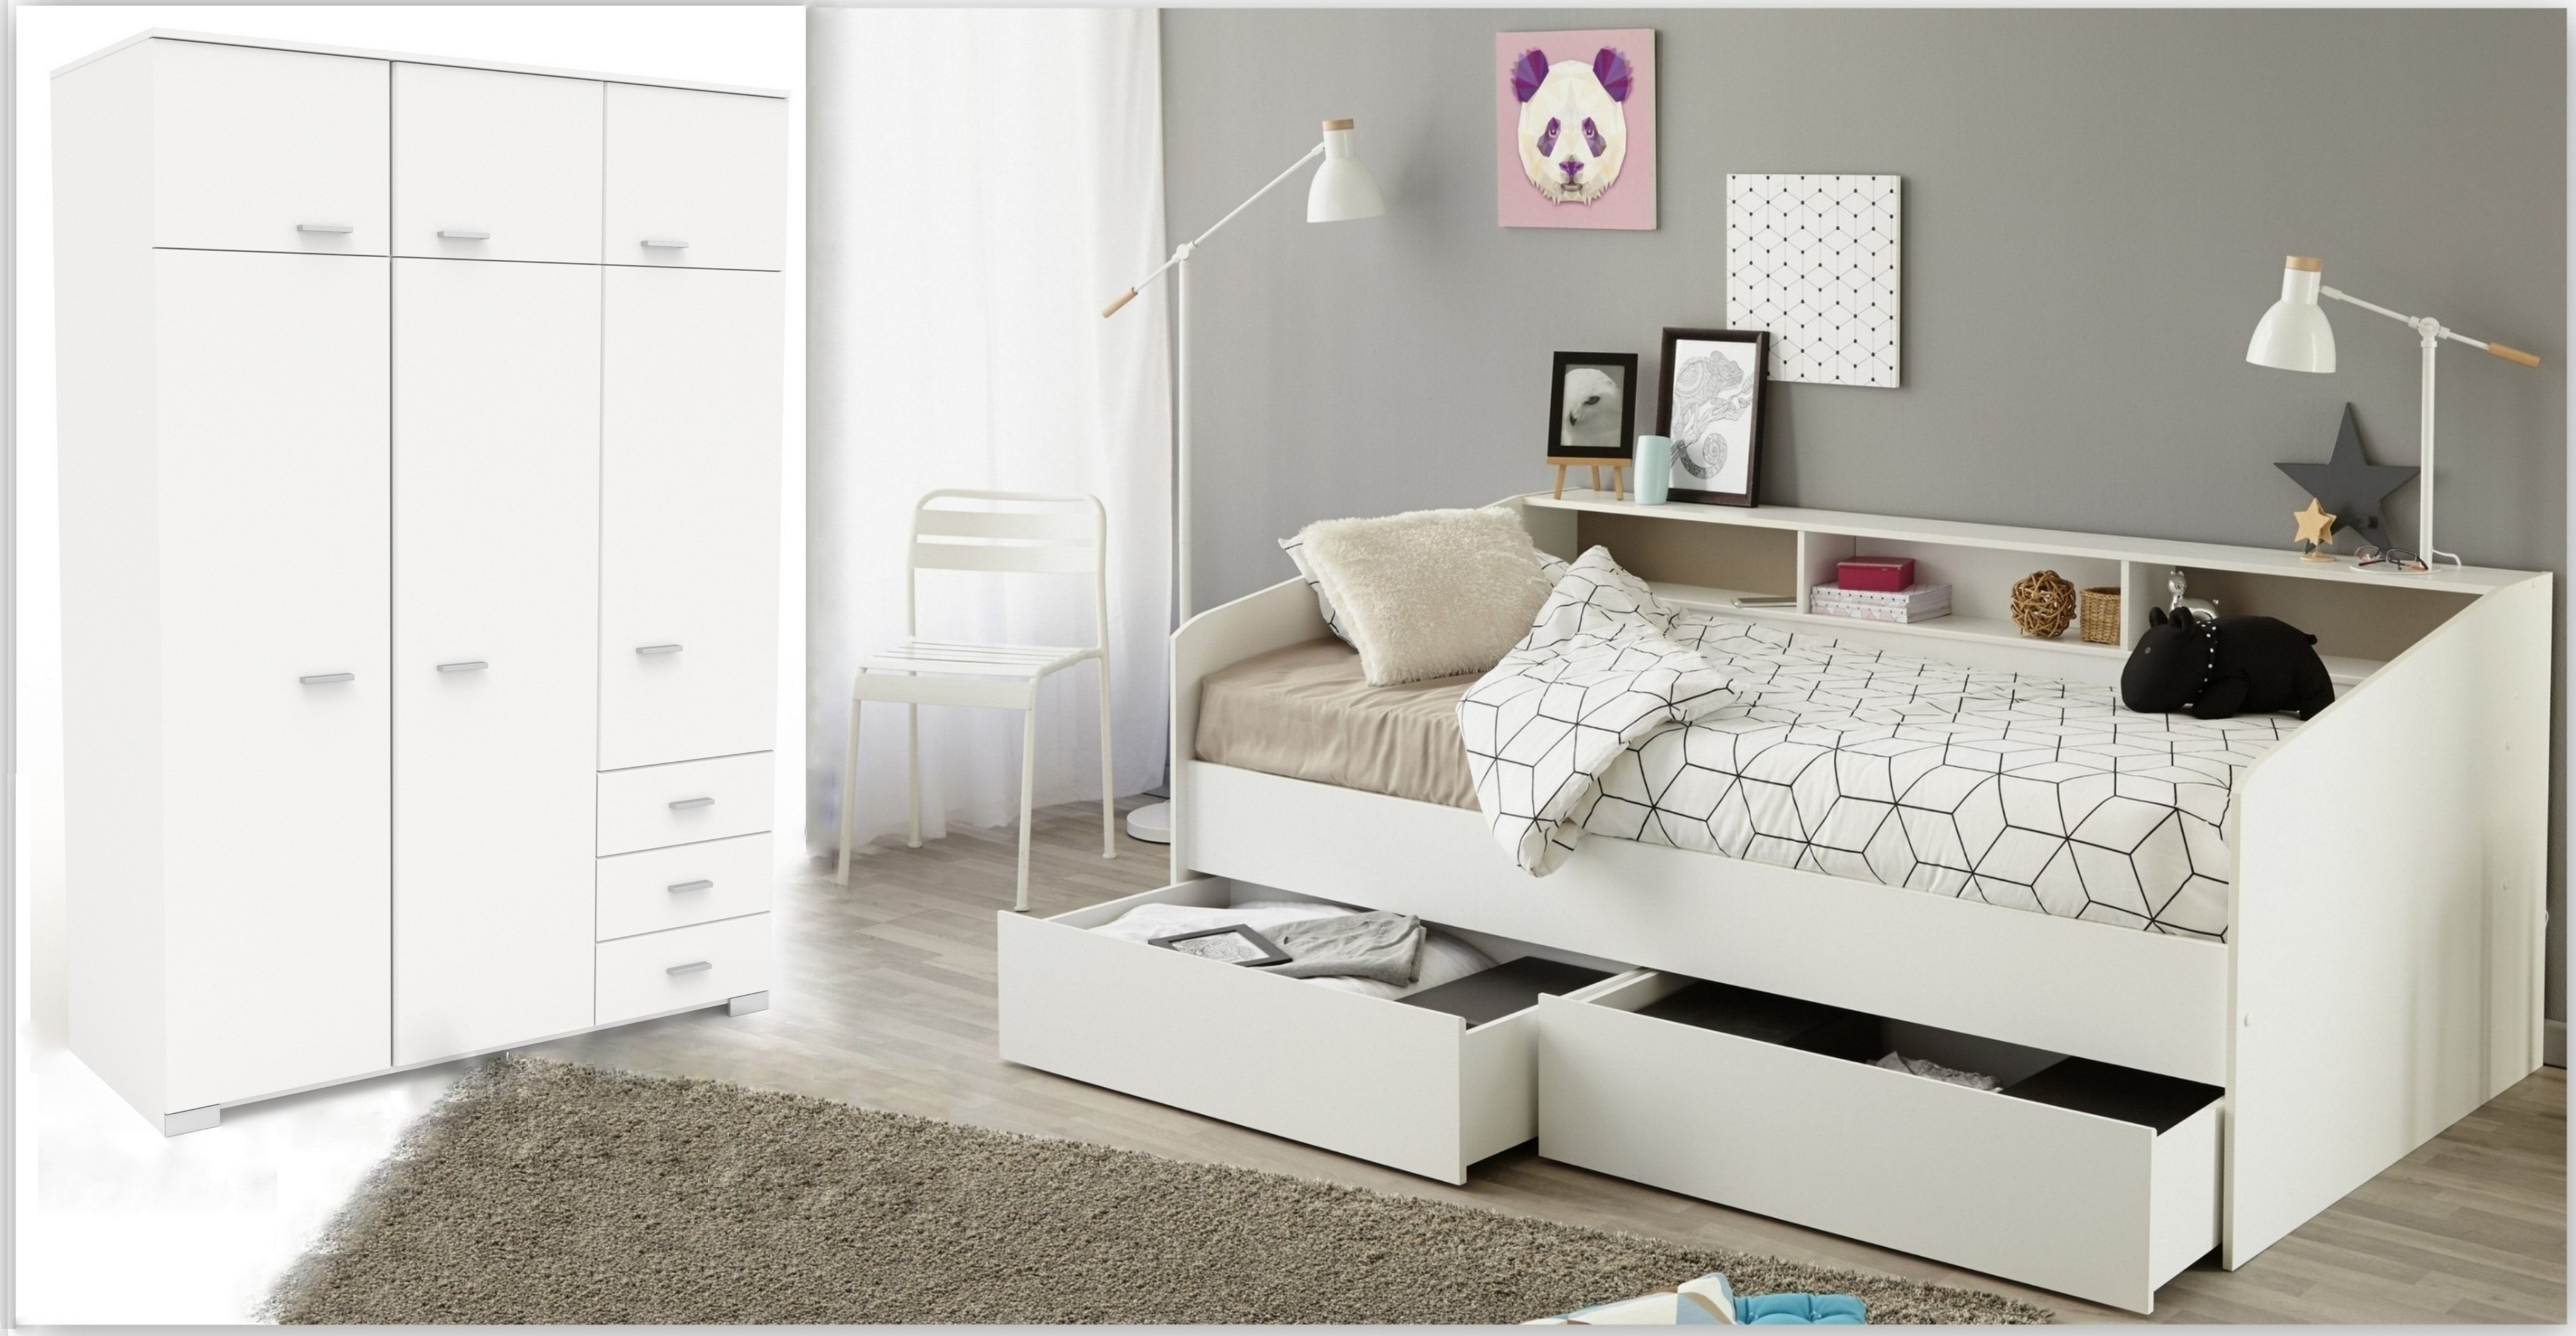 Kinderzimmer-Set 2-tlg inkl 90x200 Stauraumbett u Kleiderschrank 6-trg Sleep 23 von Parisot Weiss